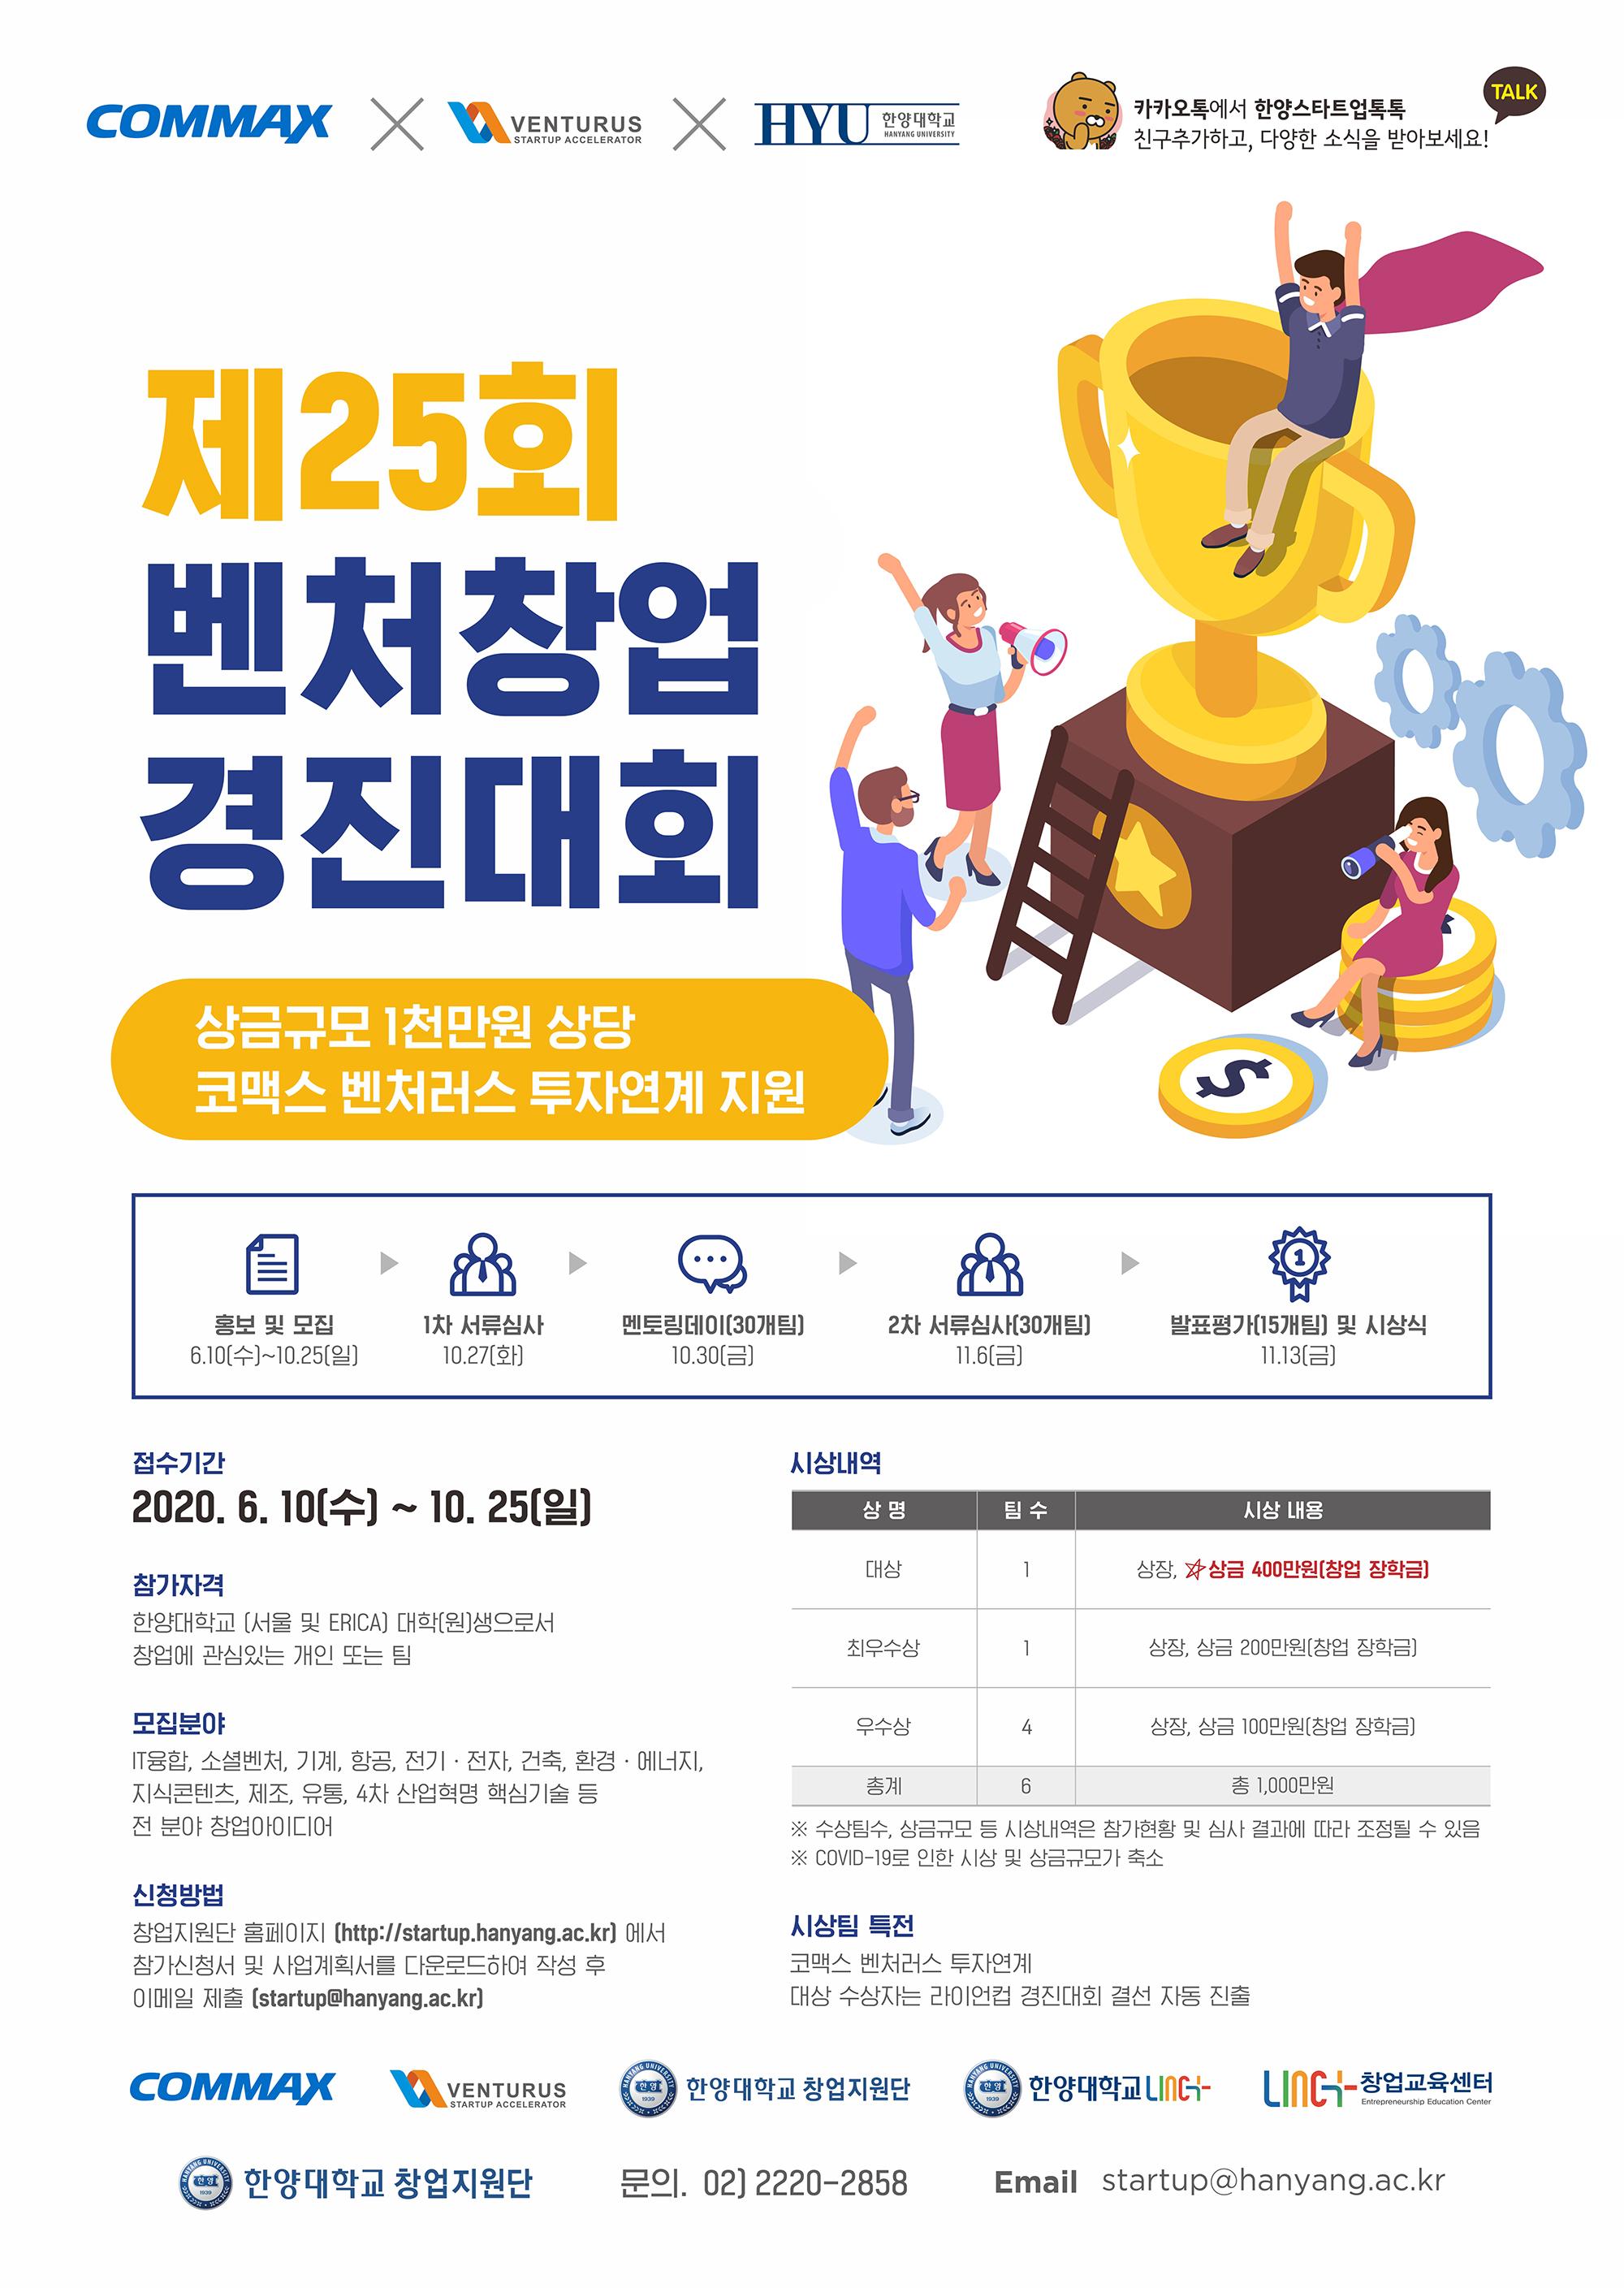 [20.10.07]한양대-코맥스, 혁신창업자 발굴위한 경진대회 열어